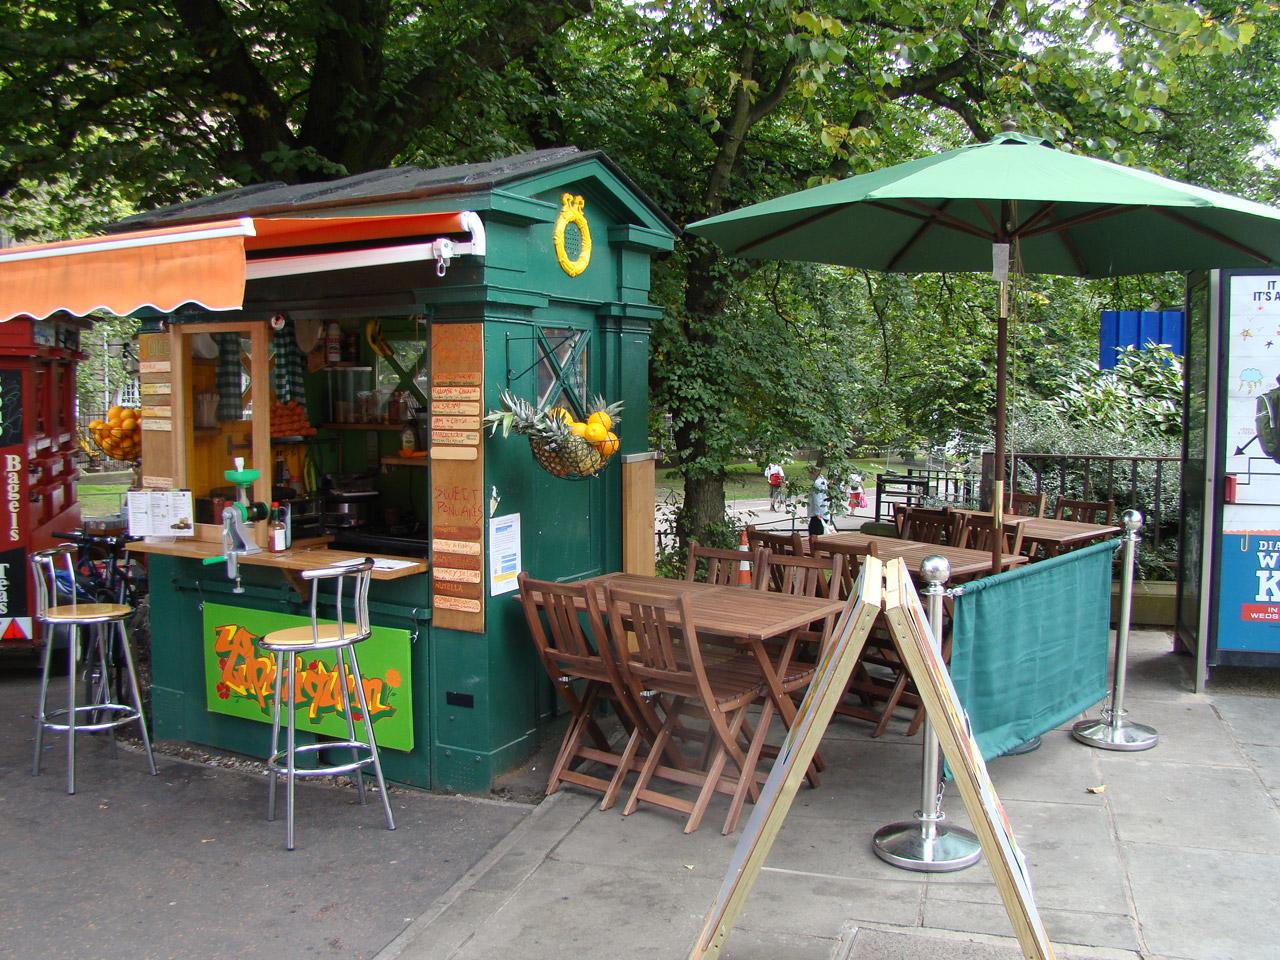 Summer Kiosk